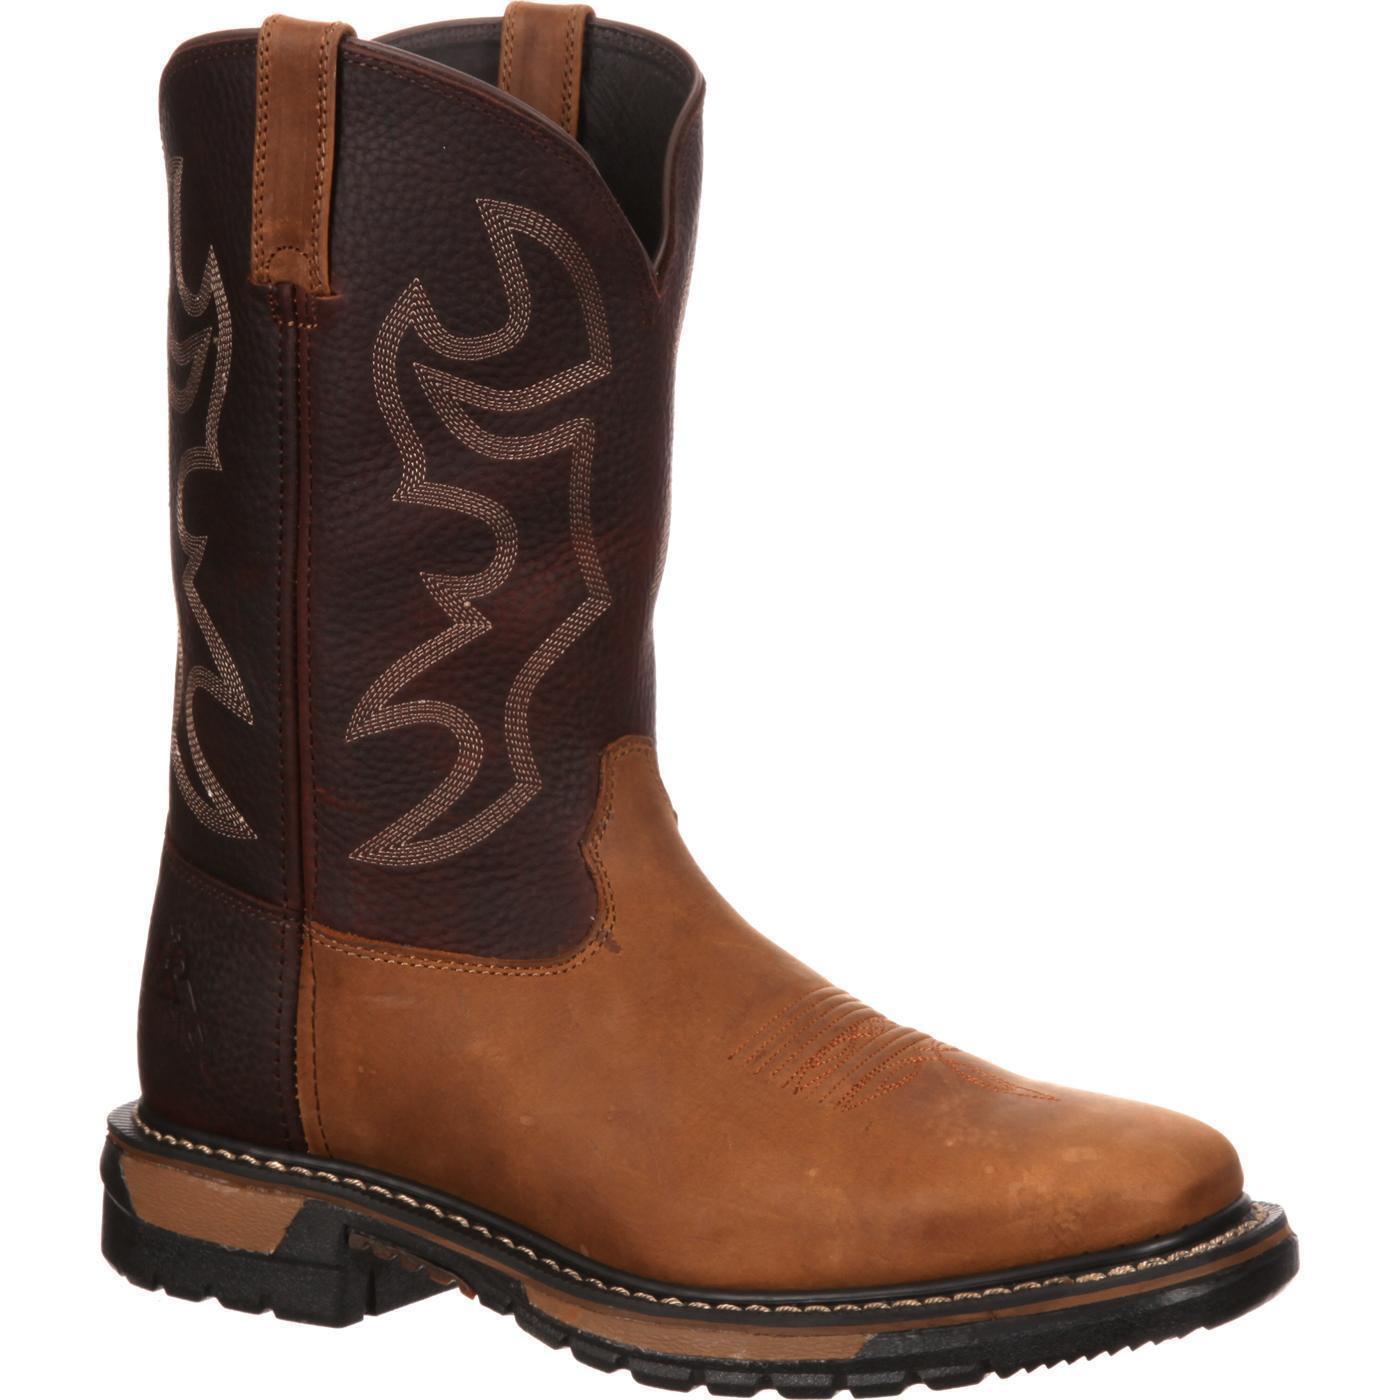 qualità garantita Rocky RKYW037 RKYW037 RKYW037 Original Ride 11  Square Toe Leather Pull On Western Work stivali  acquista la qualità autentica al 100%